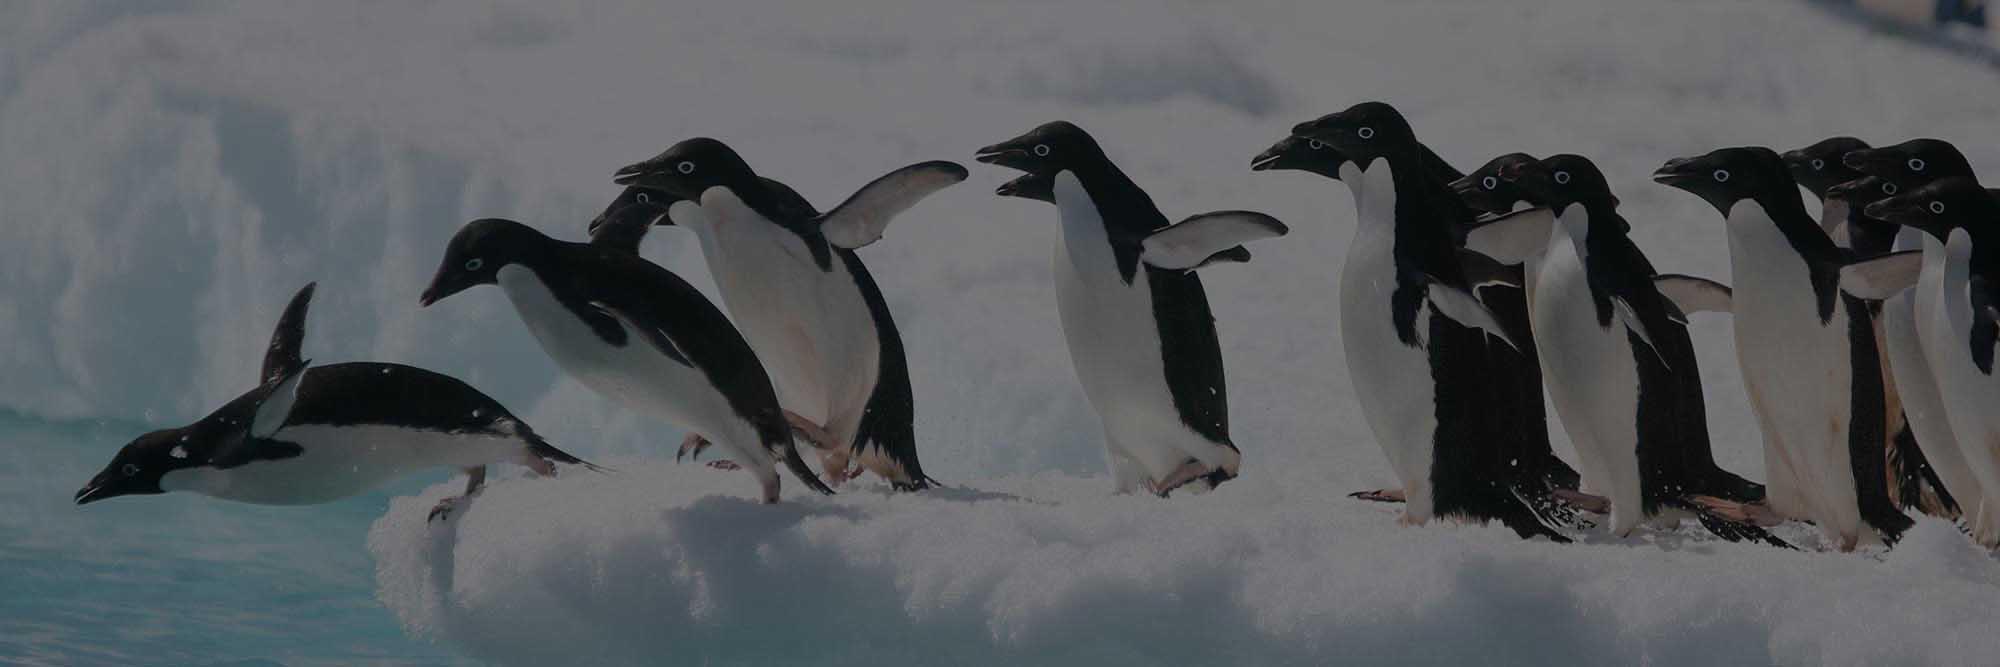 banner-Antarctic-penguin-02-3-1-dark